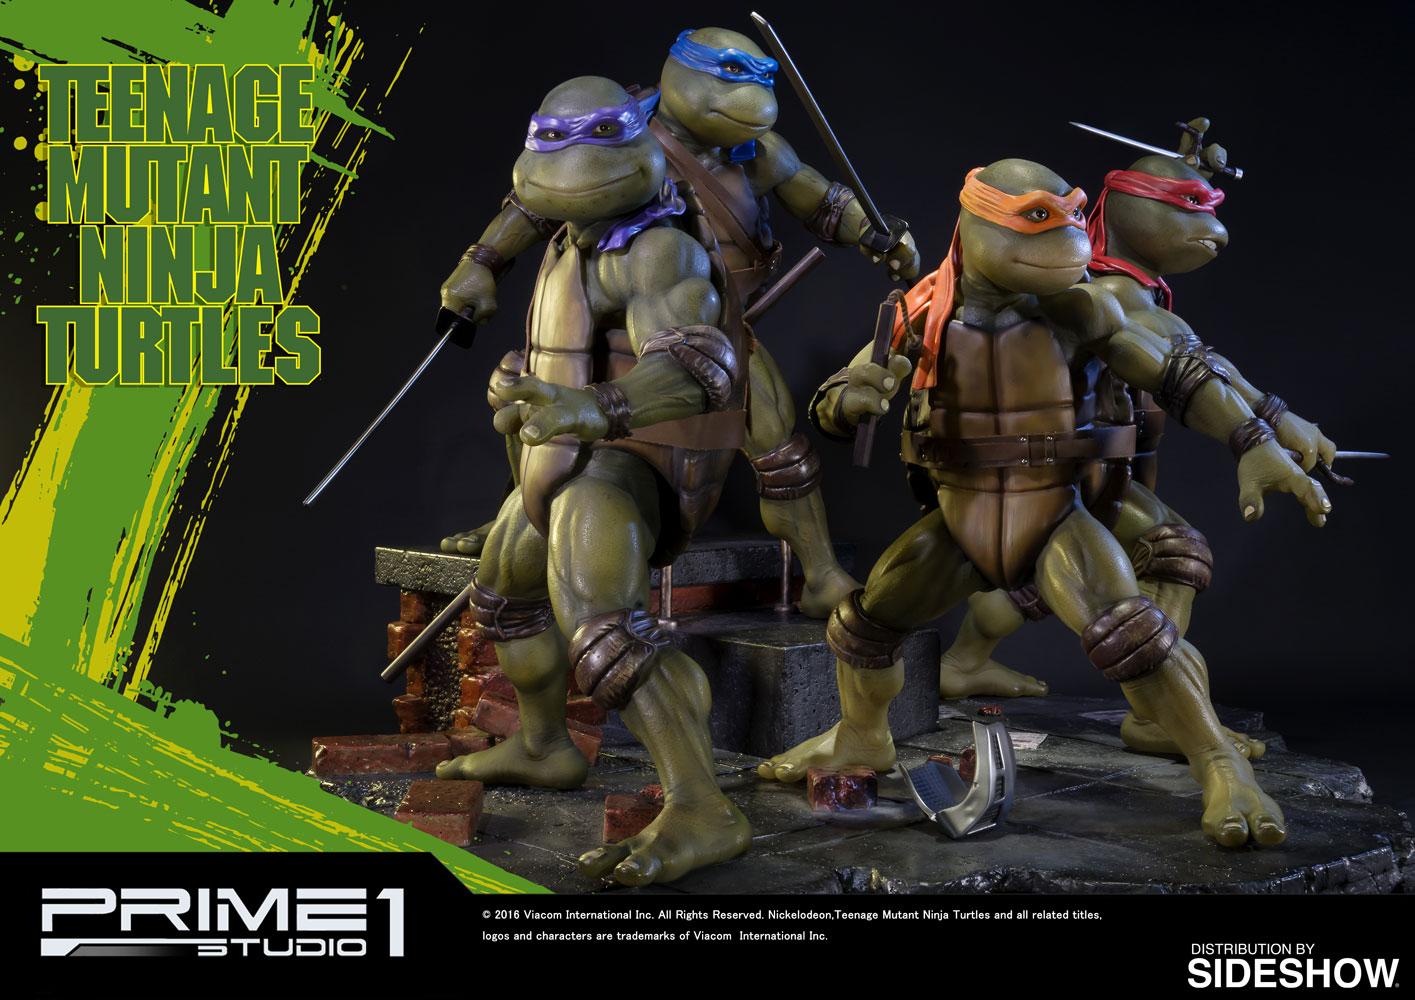 1415x1000 > Teenage Mutant Ninja Turtles Wallpapers